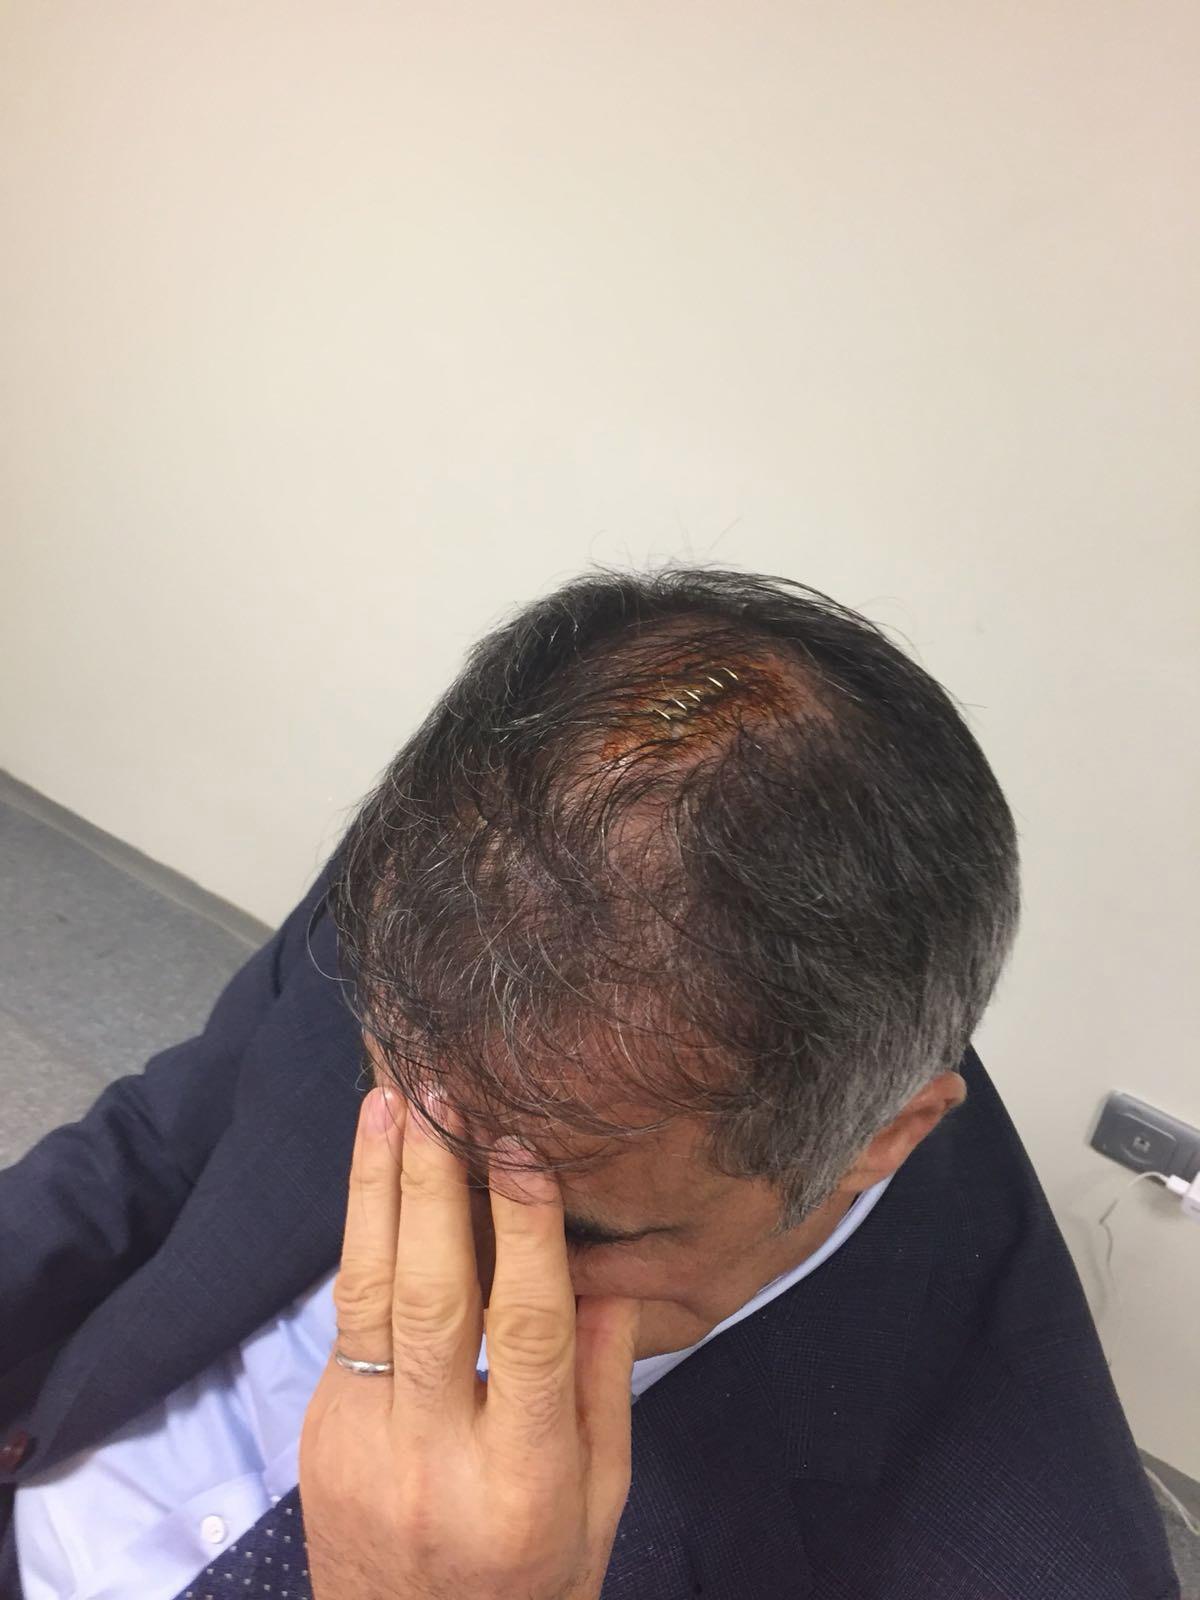 Turchia: Gunes in ospedale colpito da un seggiolino